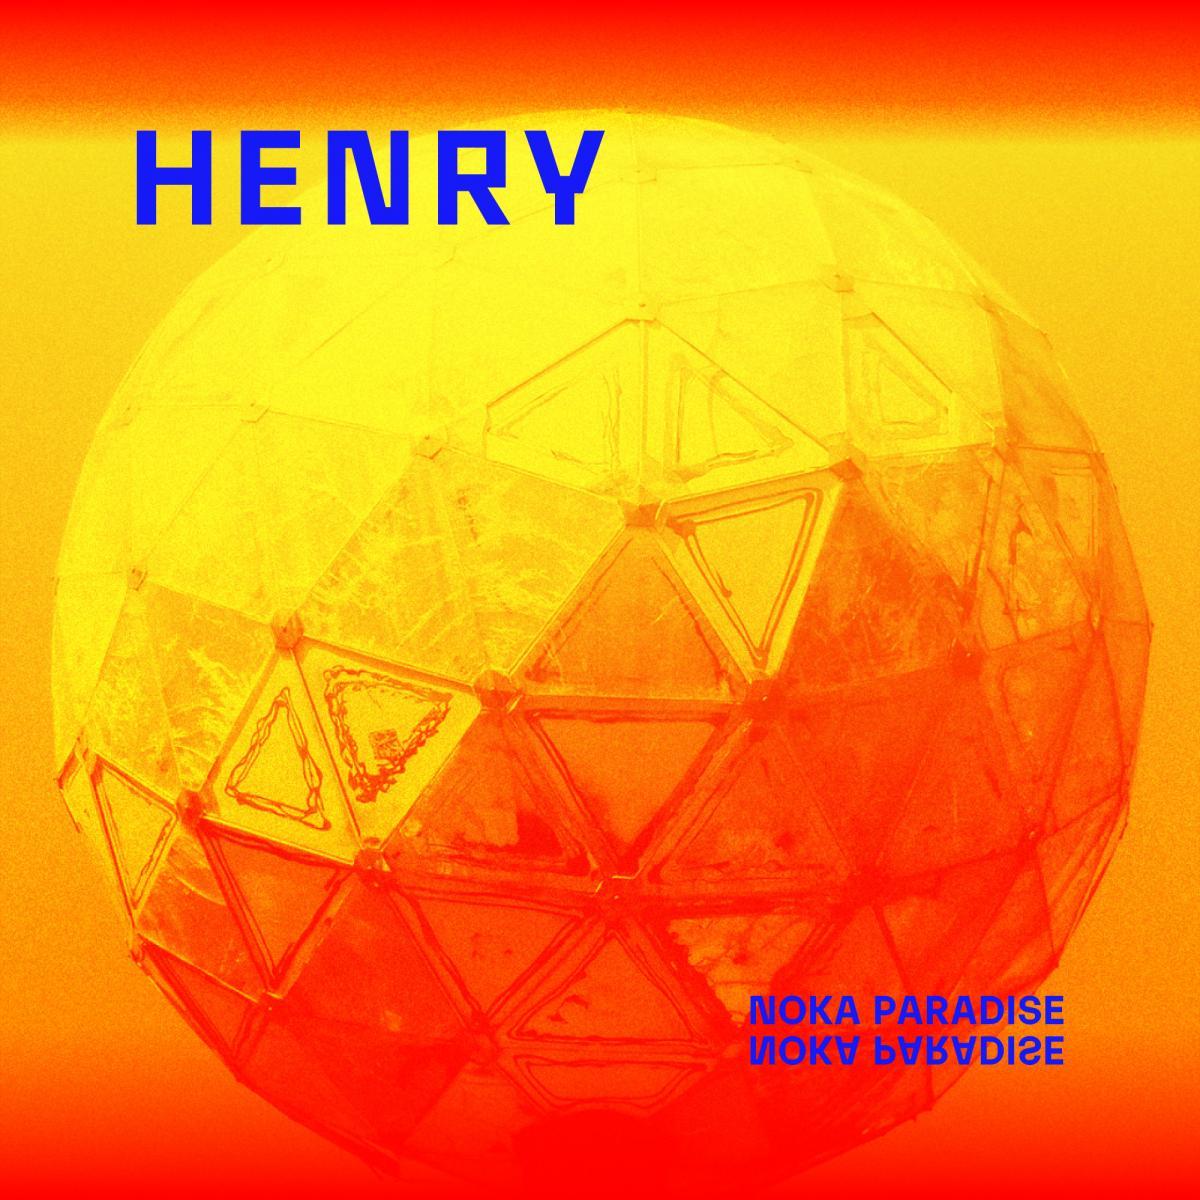 Noka Paradise - Henry